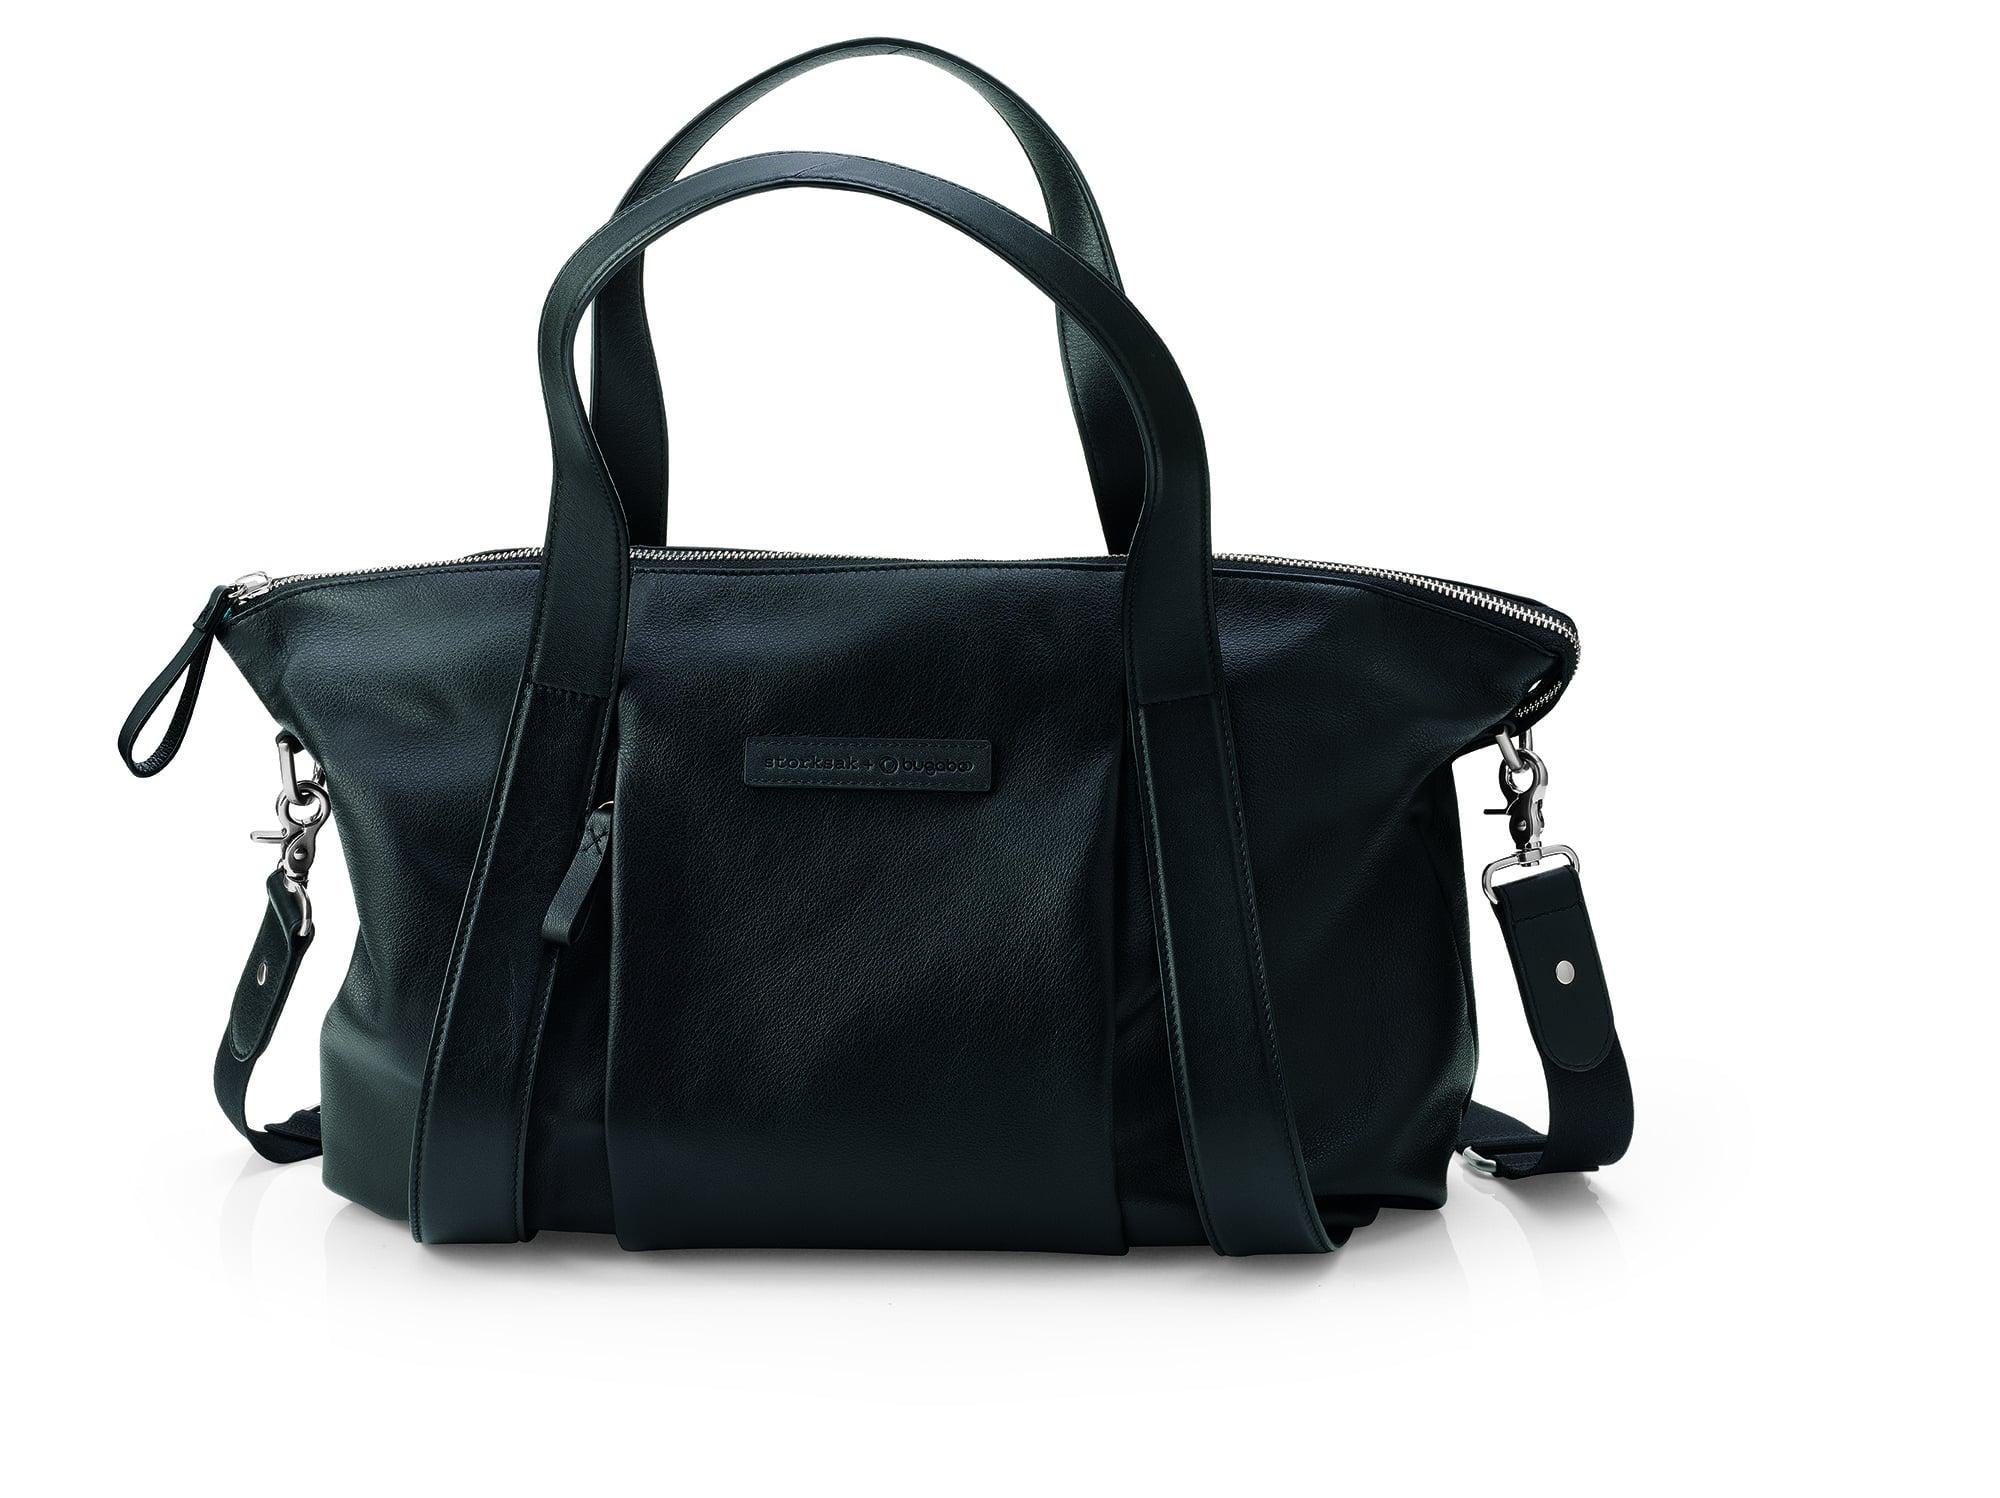 Storksak + Bugaboo Bag